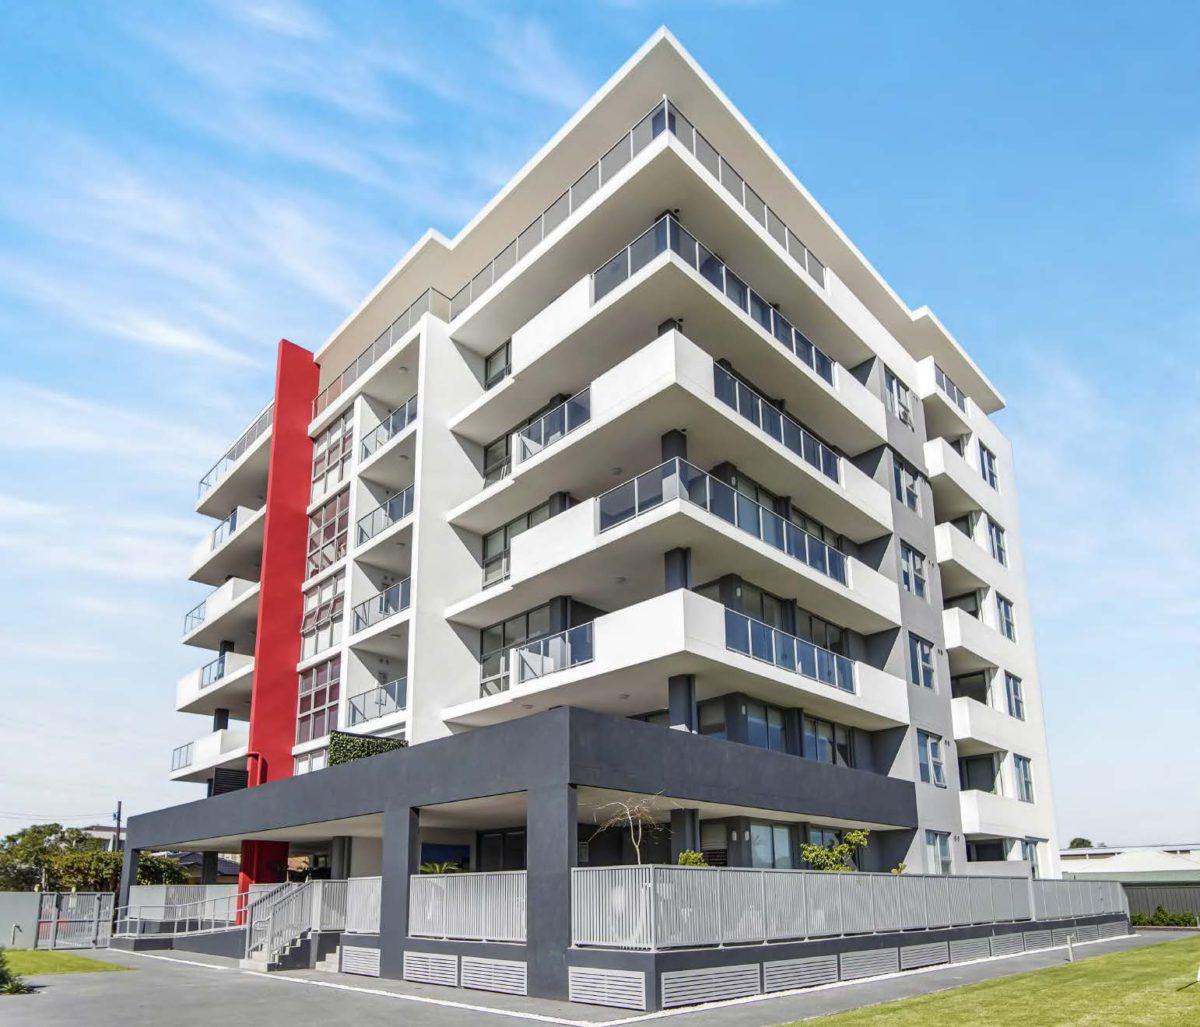 130-Kembla-Street-Wollongong-1200x1027.jpg